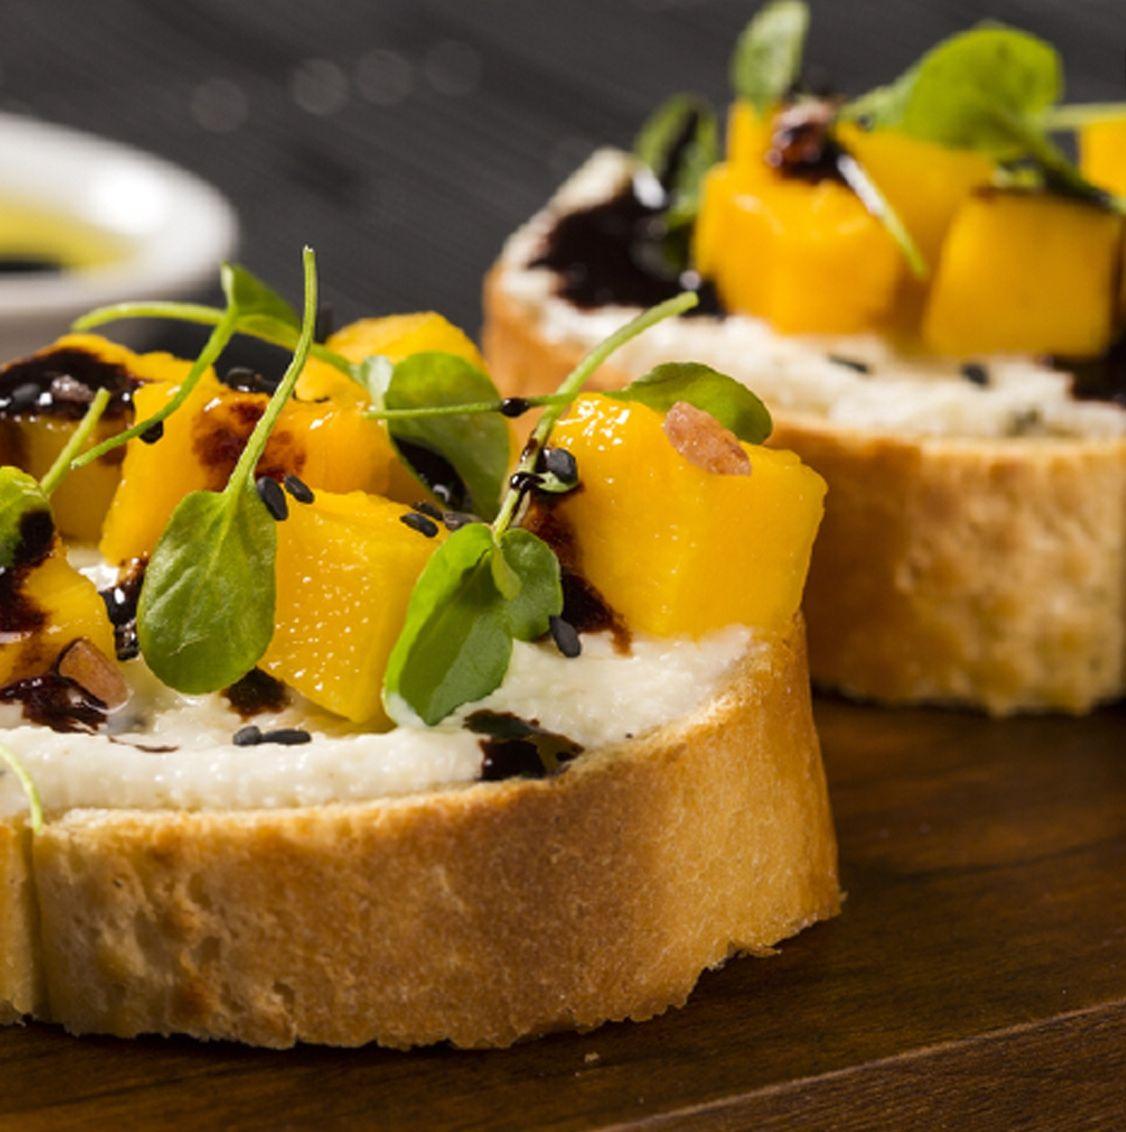 Mango Bruchetta Inspo - Nature's Finest Fruit!